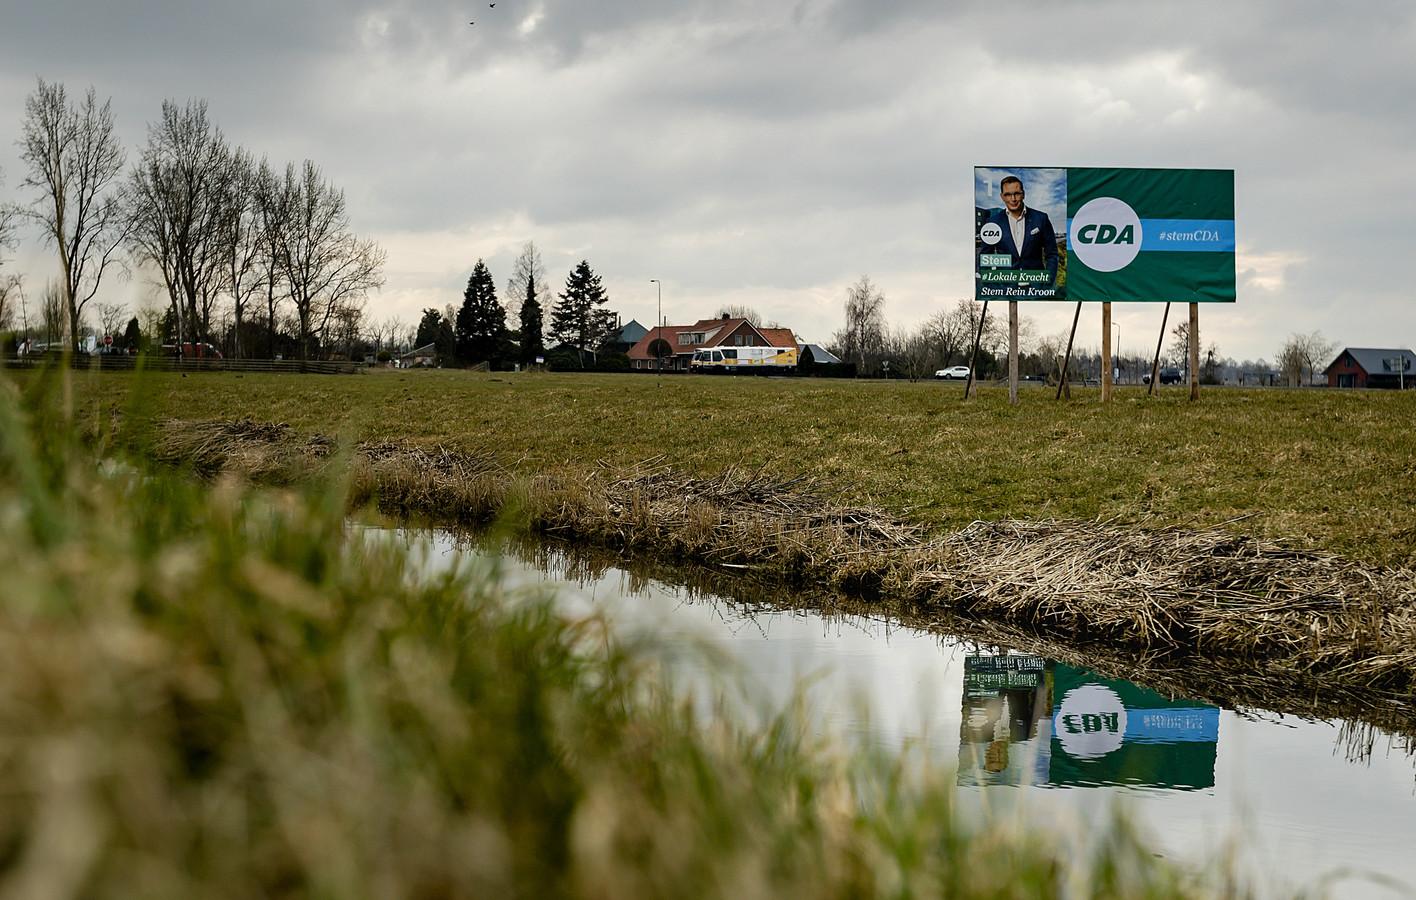 Het CDA kan zich niet langer te veel profileren als de plattelandspartij, gezien het feit dat veel kiezers in de steden wonen.